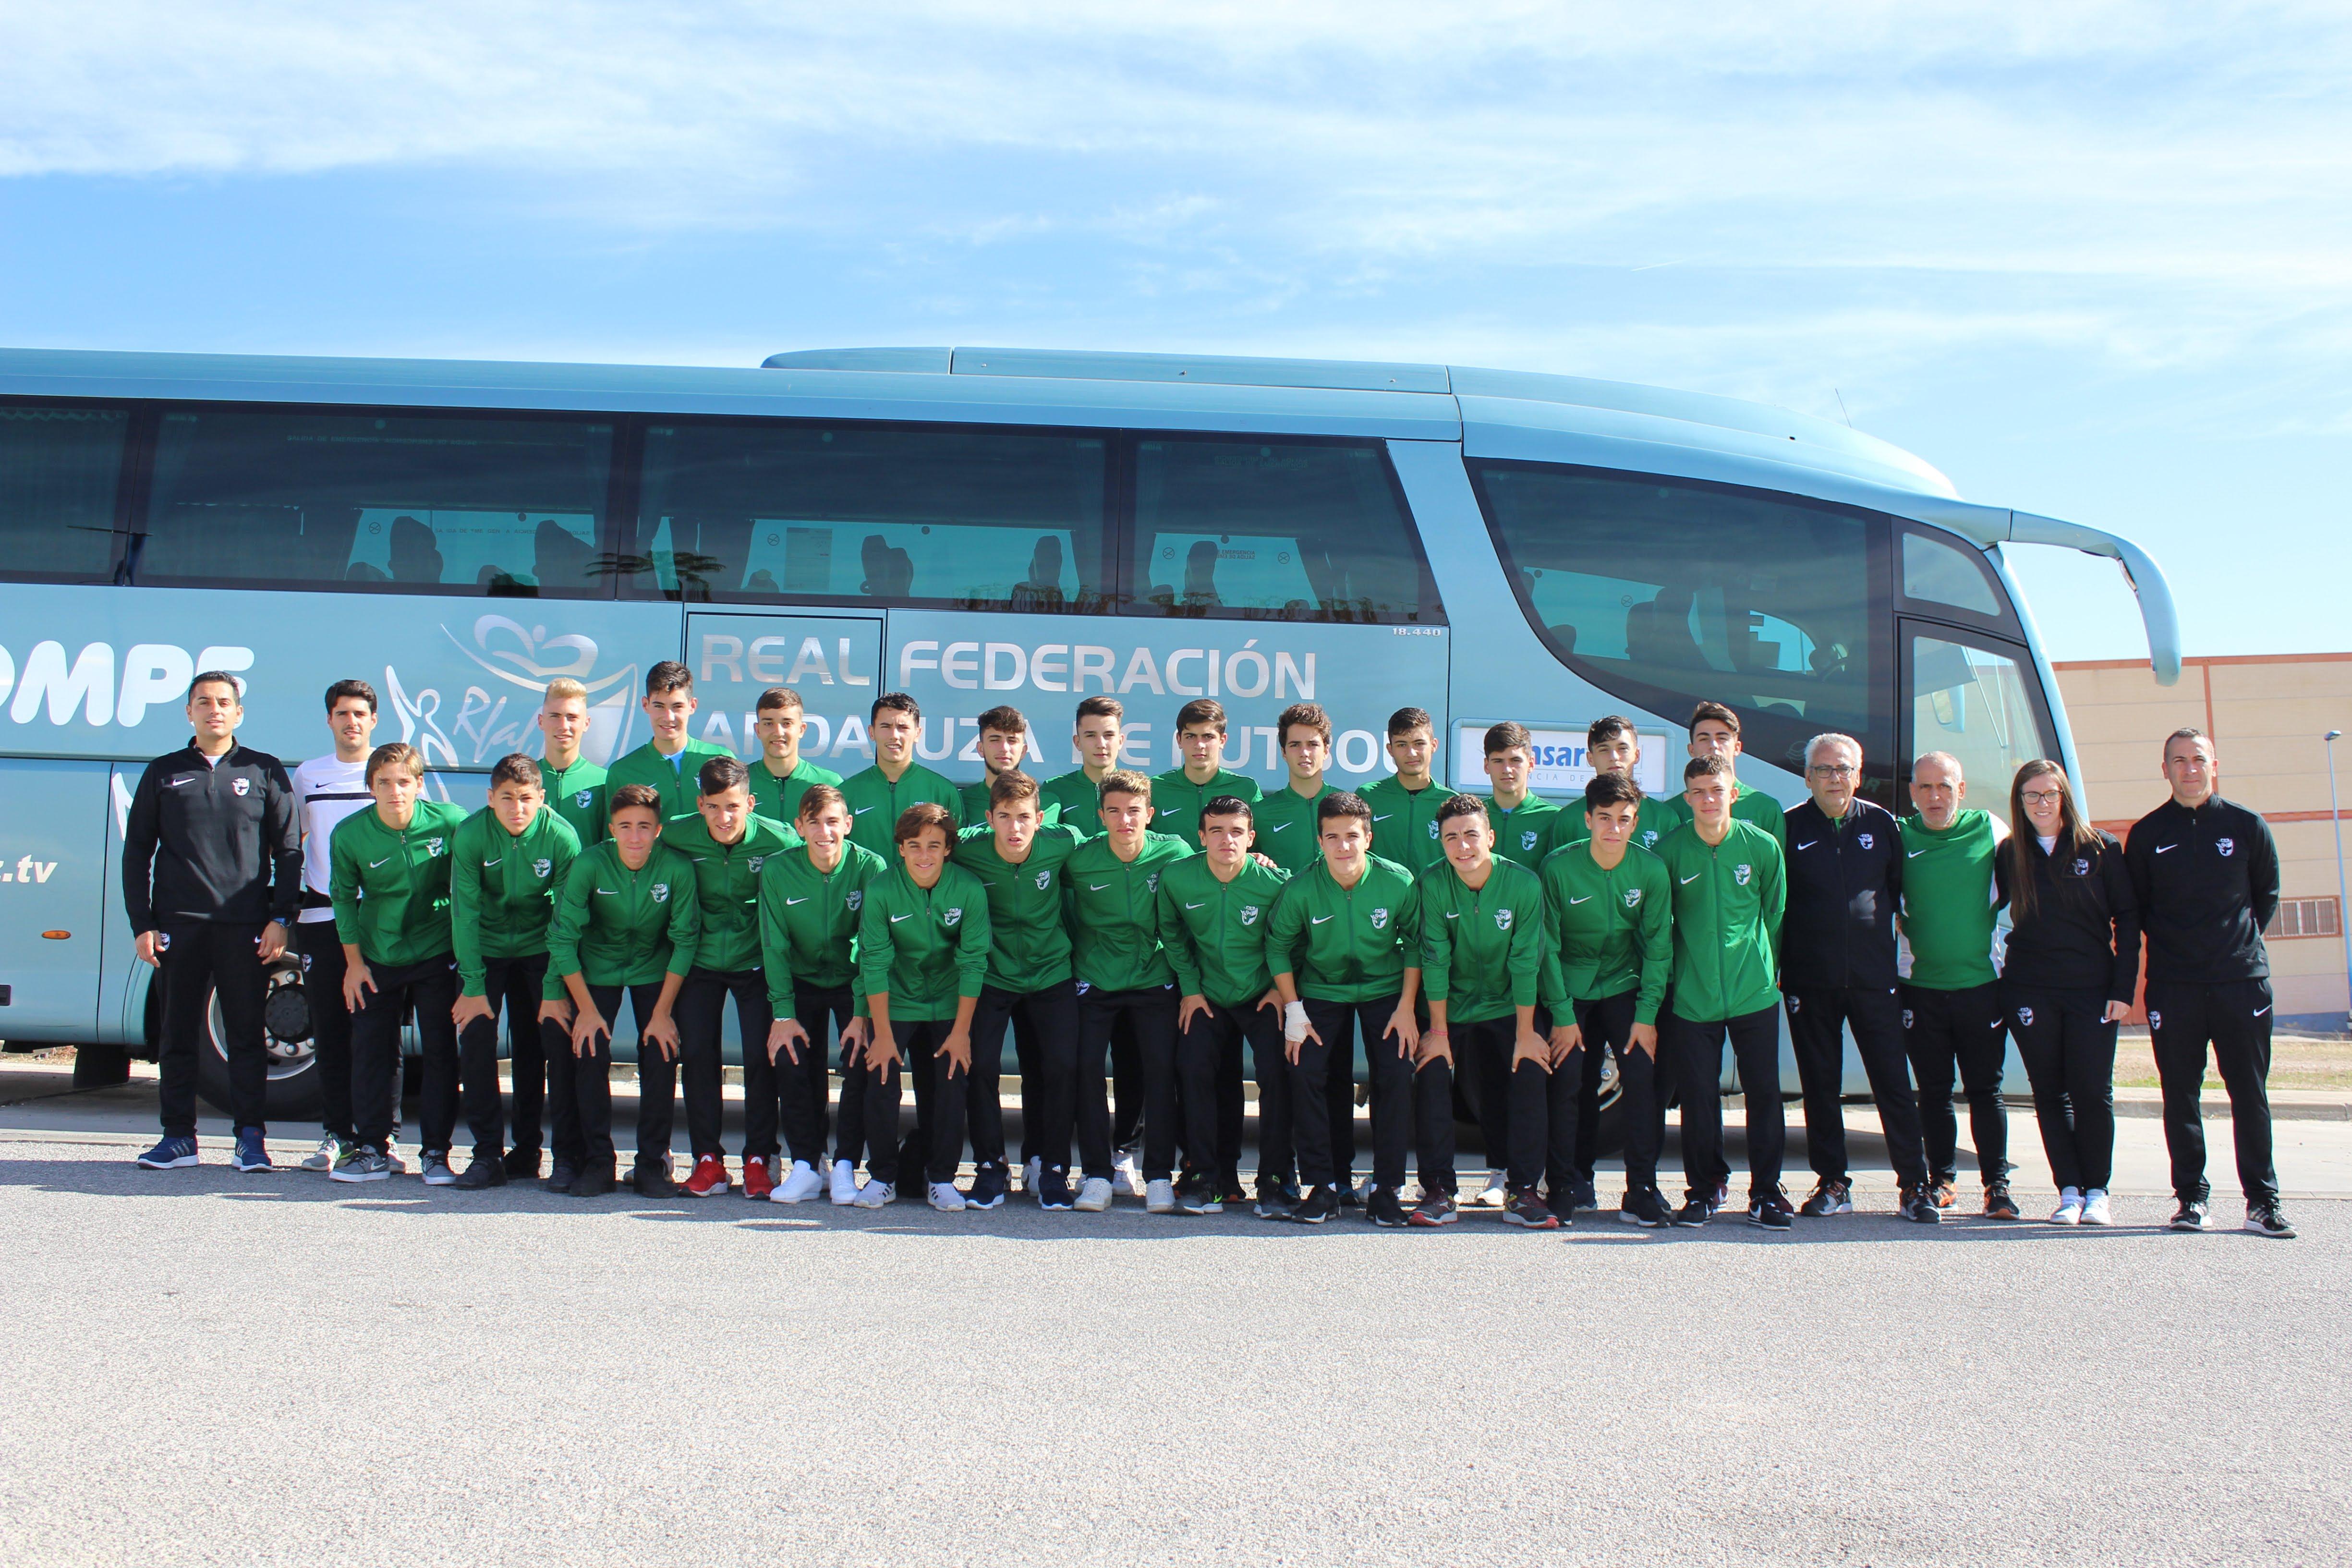 Fotos de la concentración selección andaluza de fútbol sub 16